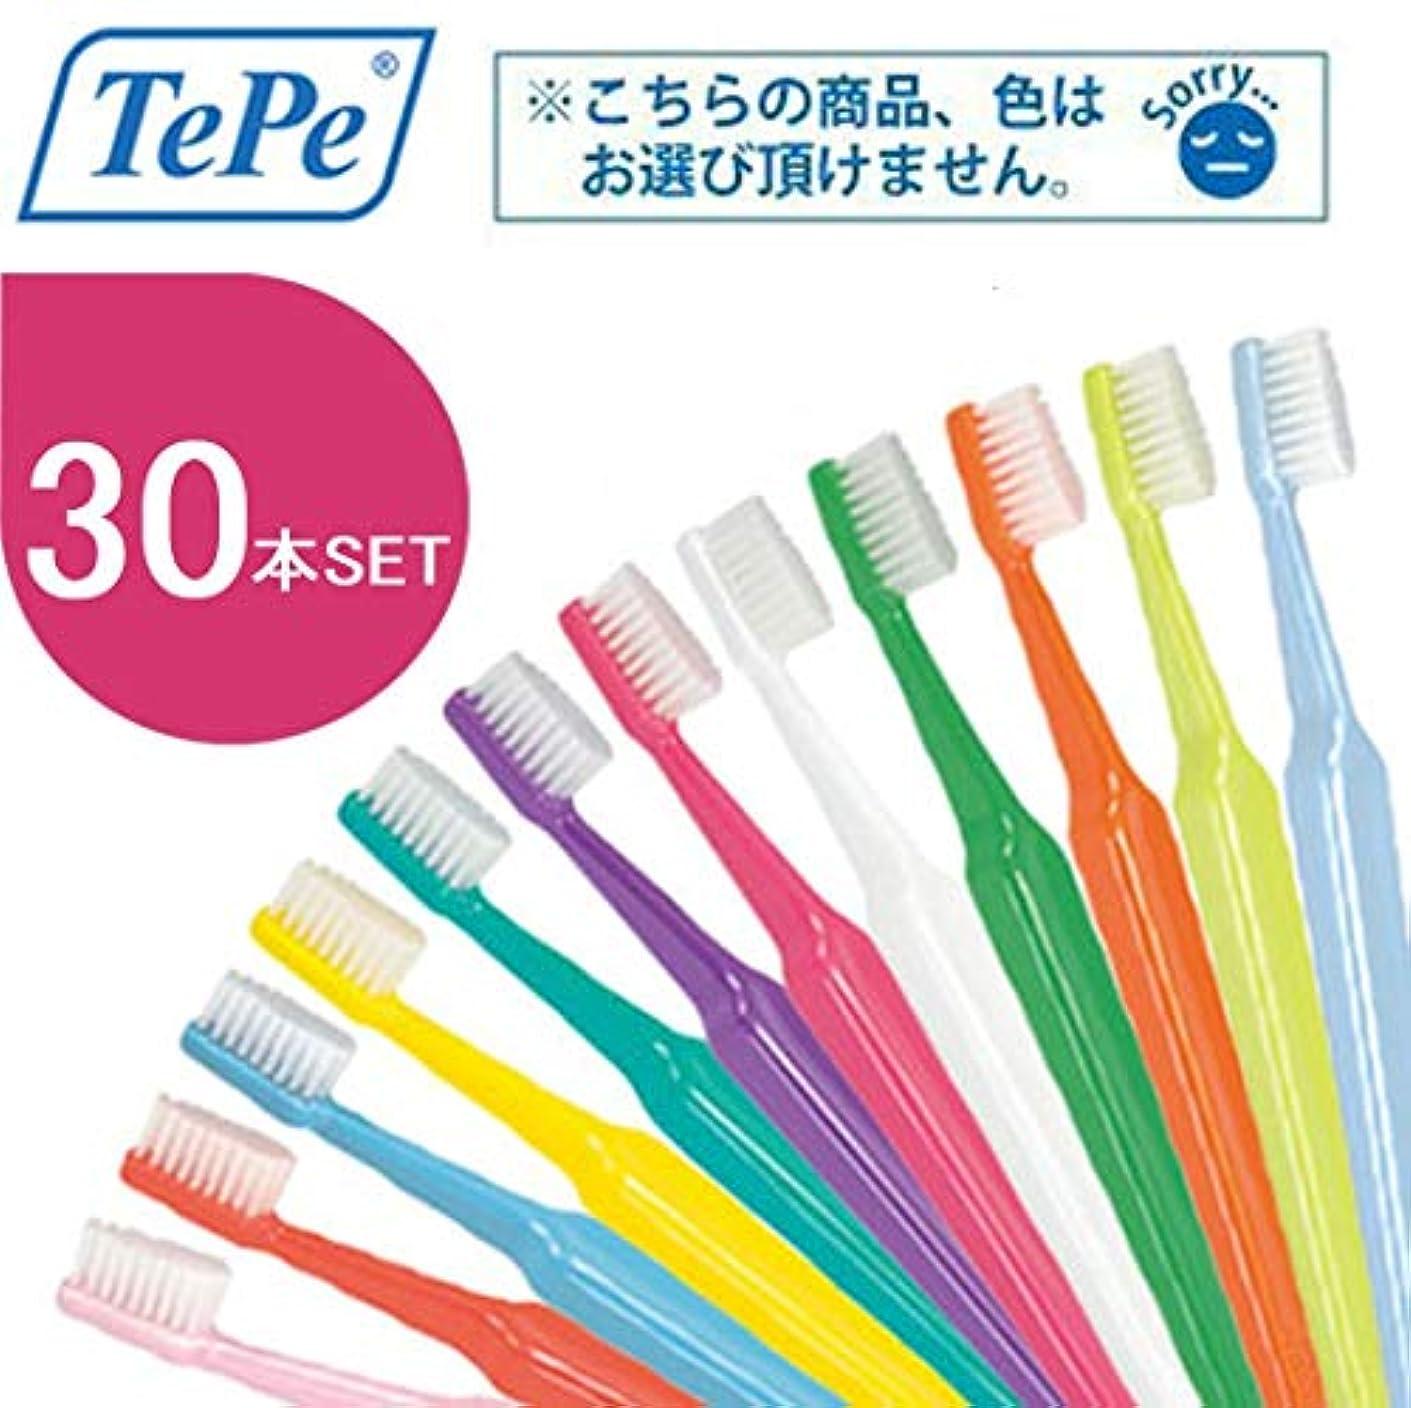 フェミニンサイクロプス実現可能性クロスフィールド TePe テペ セレクト 歯ブラシ 30本 (ミディアム)